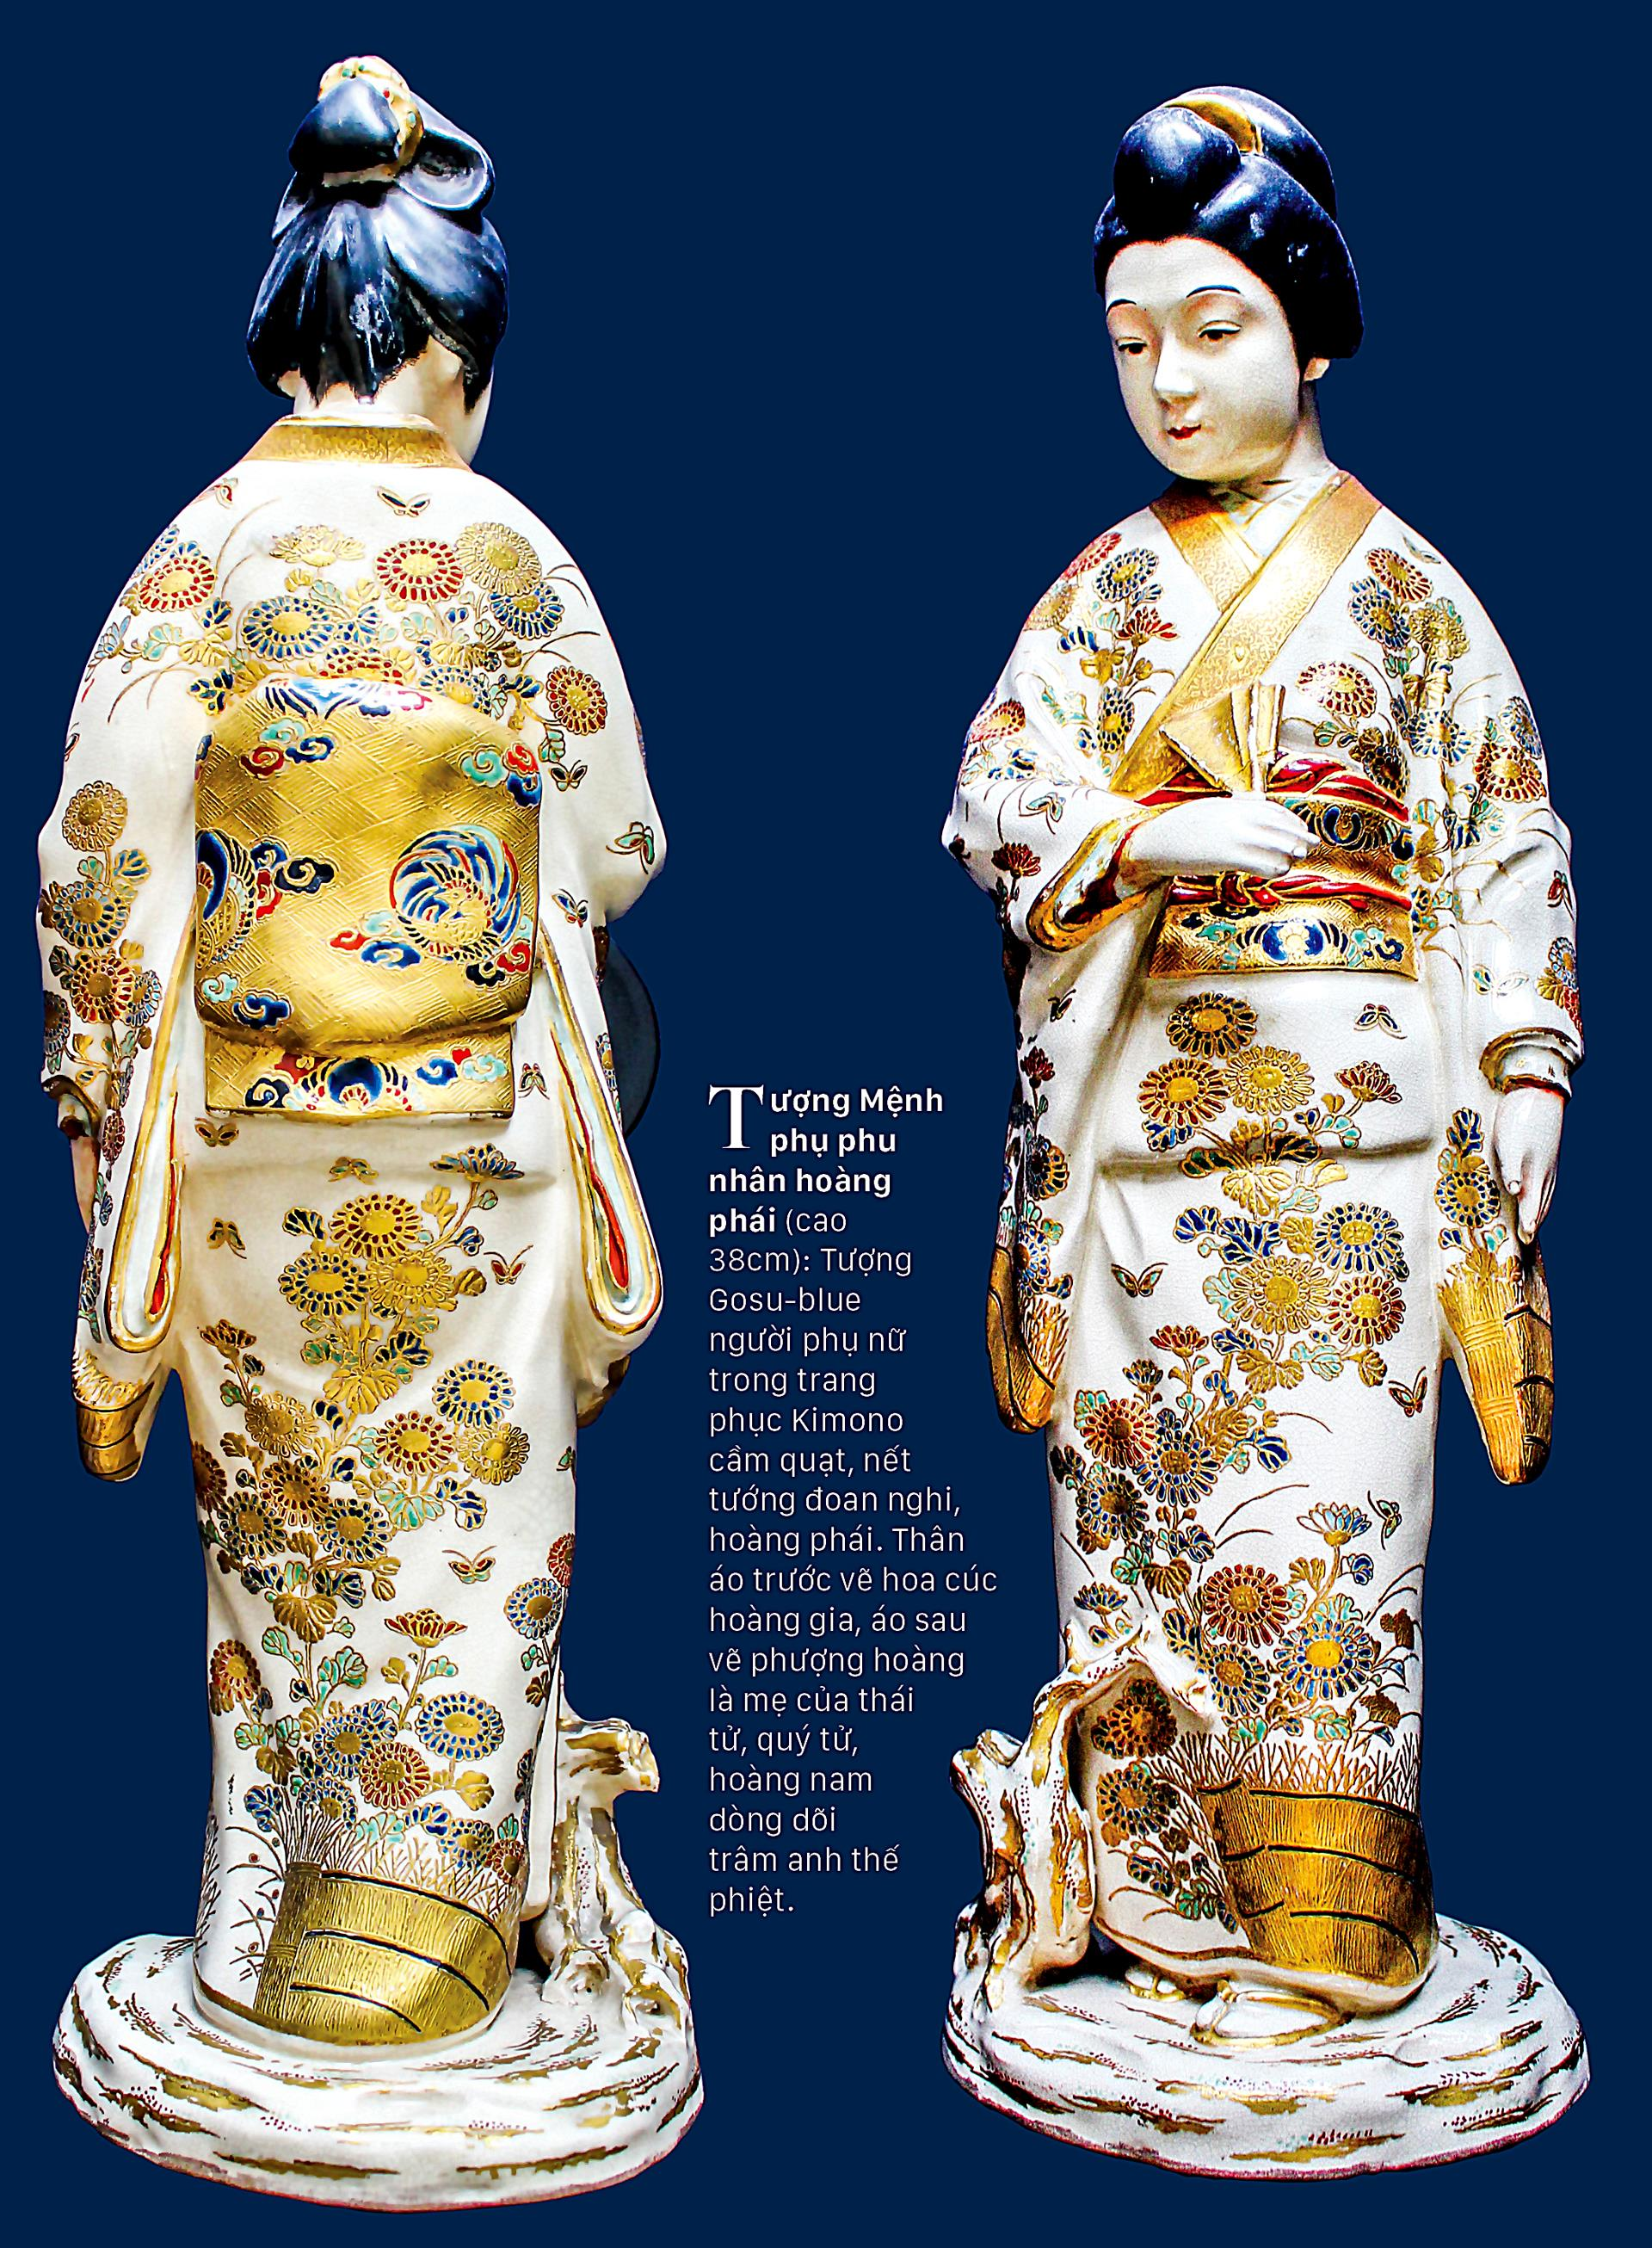 Tao nhã trang phục Kimono trên gốm cổ ảnh 7